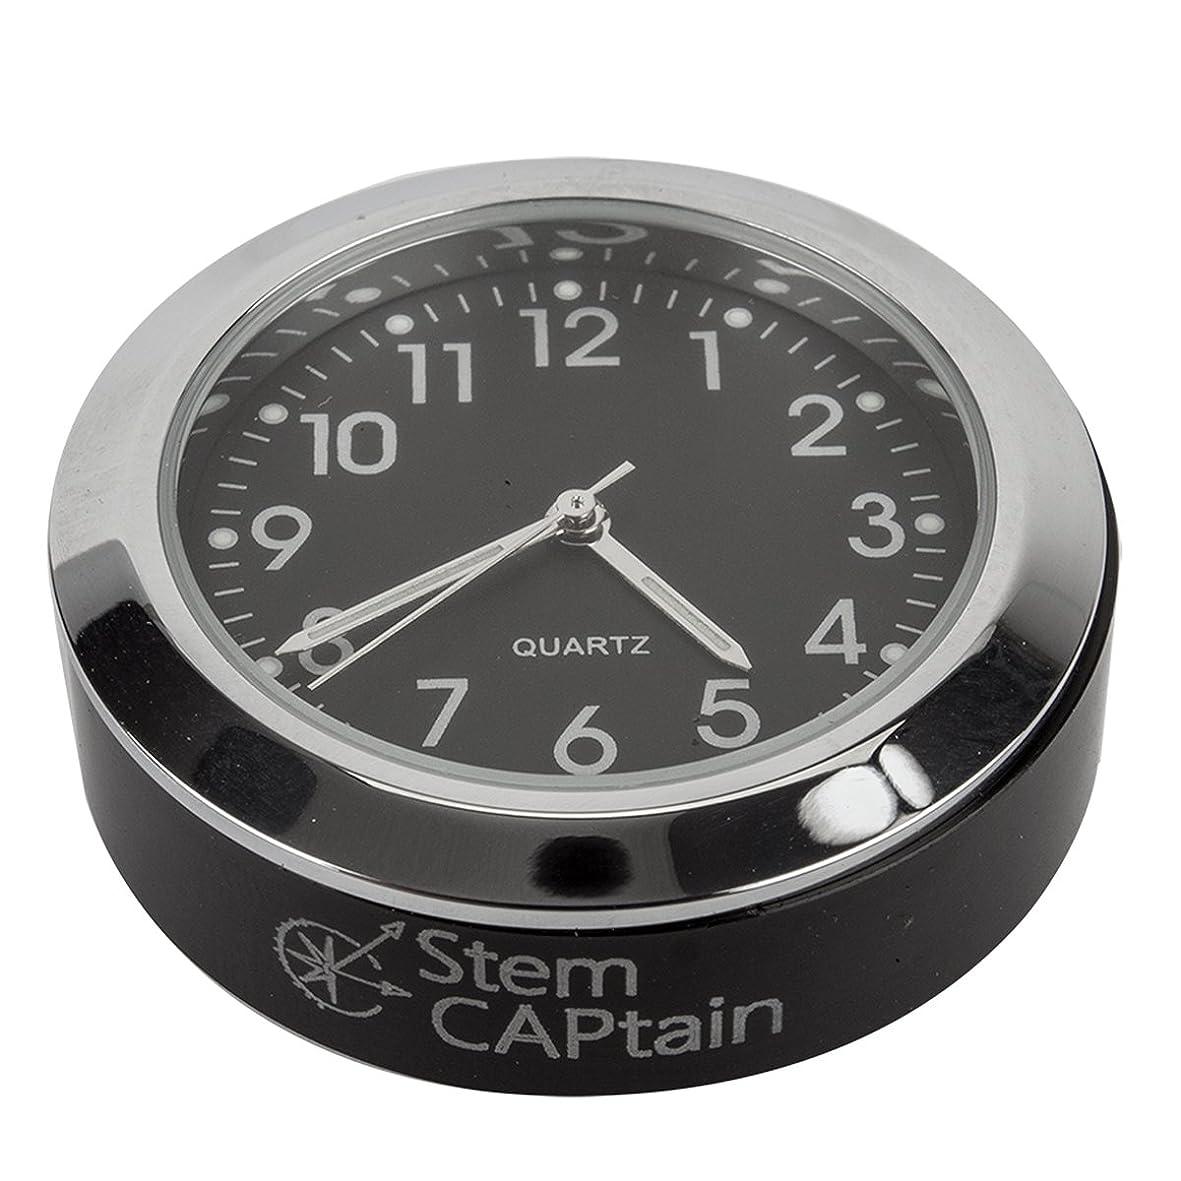 脅迫の中で苦味STEMCAPTAIN Head Part AHD Cap Clock by Stem CAPtain